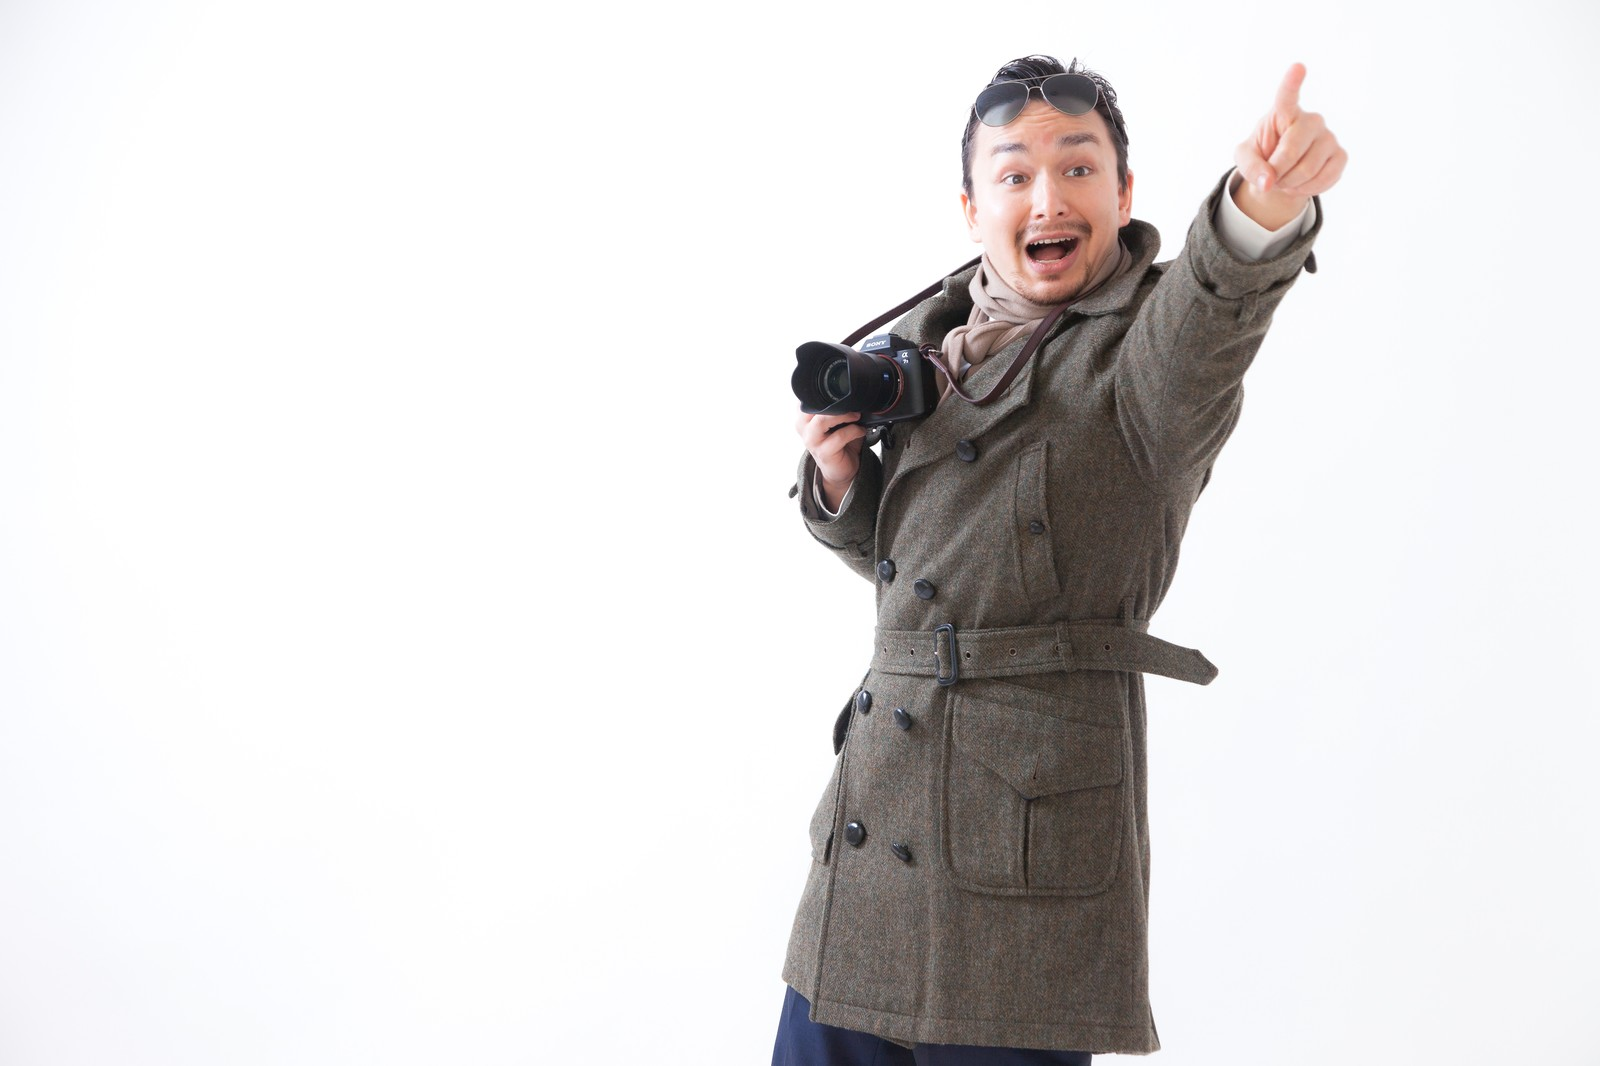 「ランドマークを見つけては指をさすドイツからの観光客ランドマークを見つけては指をさすドイツからの観光客」[モデル:Max_Ezaki]のフリー写真素材を拡大